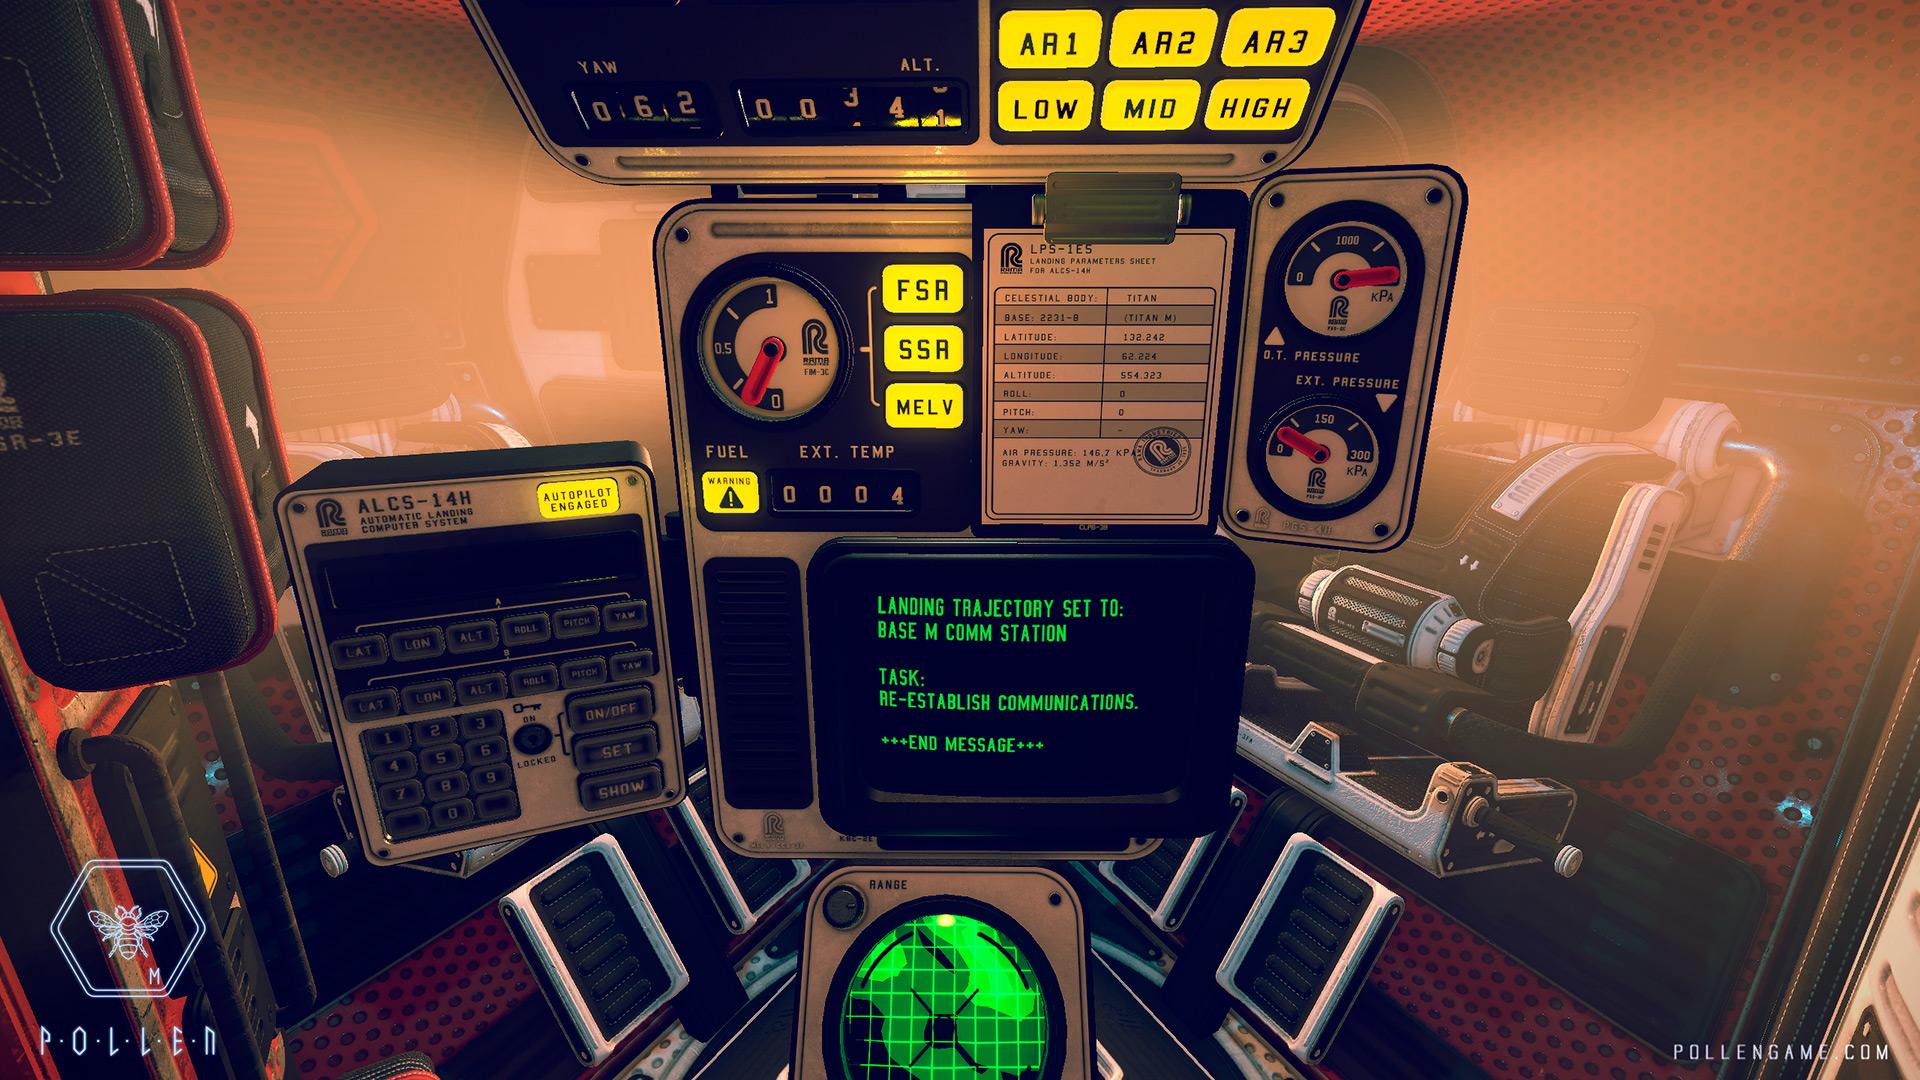 真实体验太空探索 VR游戏《Pollen》-古风游戏资源网